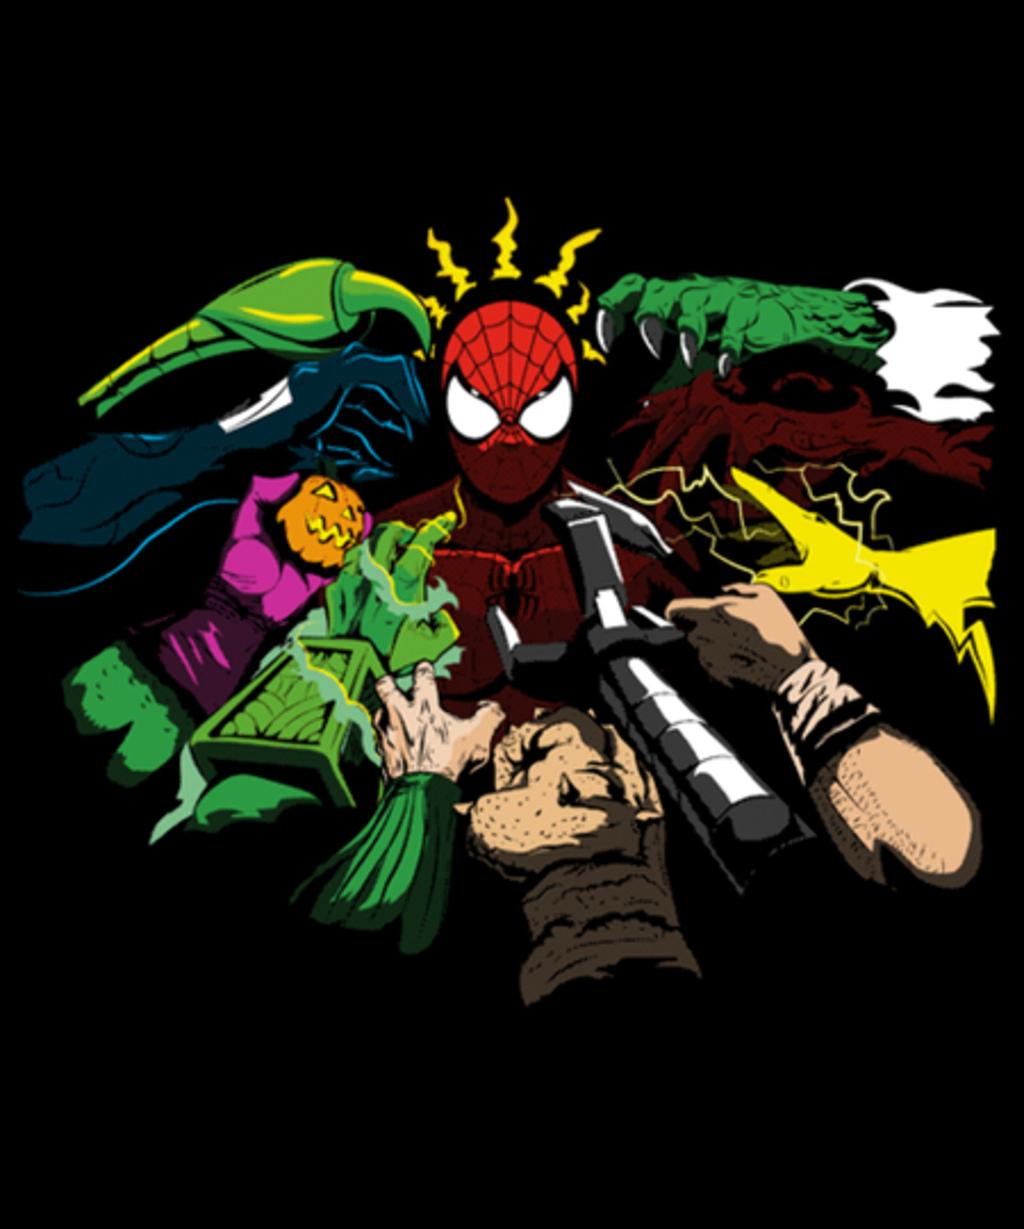 Qwertee: Spider-Yaga